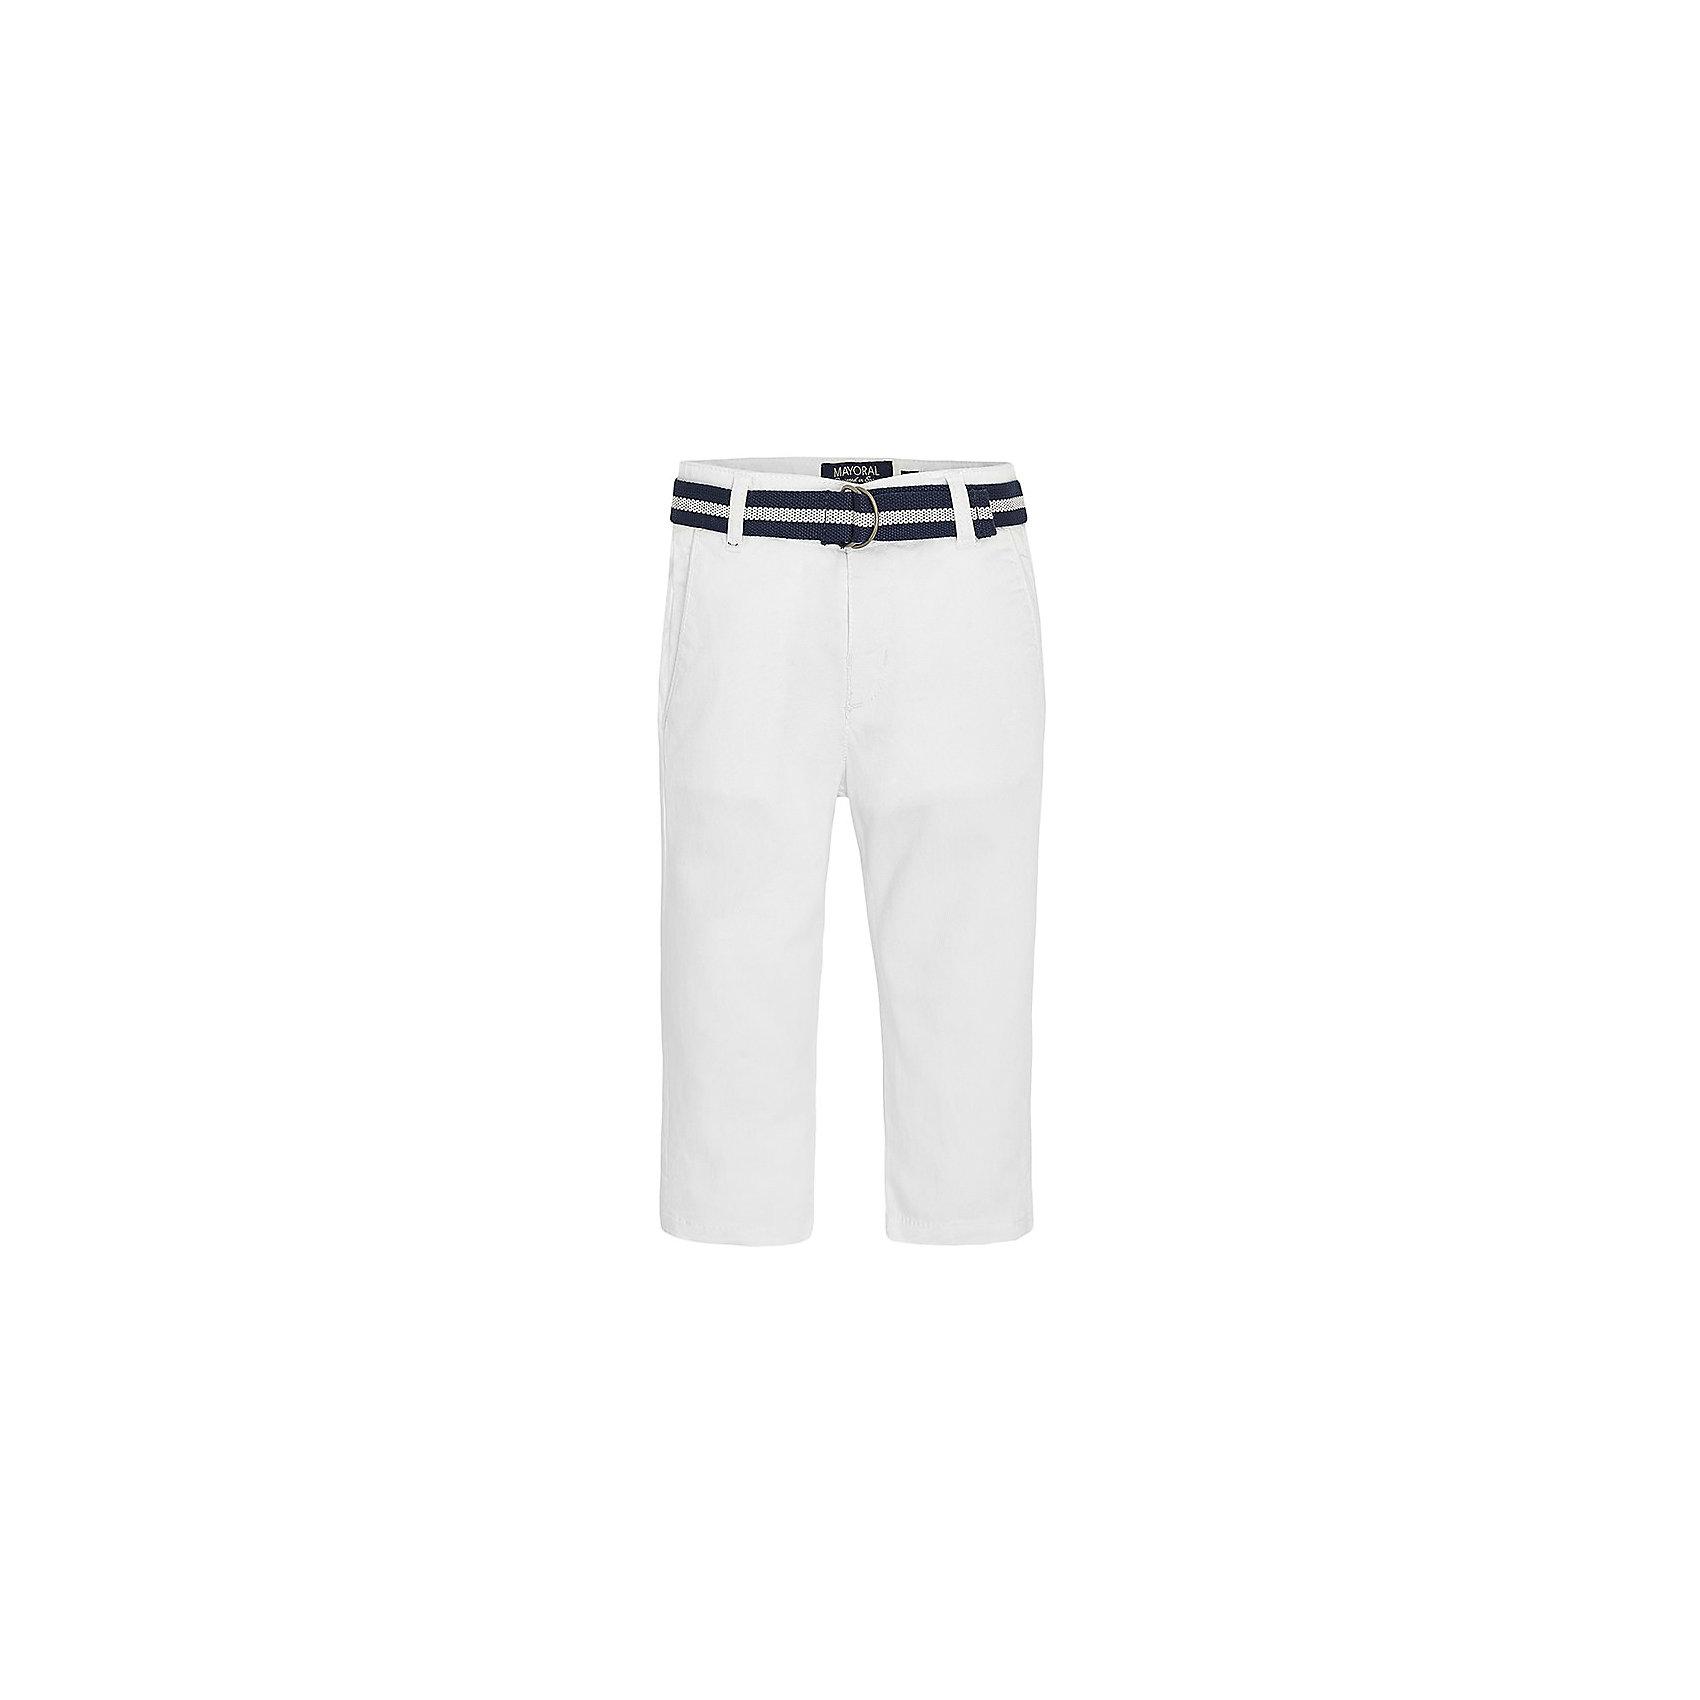 Брюки для мальчика MayoralБрюки для мальчика от известной испанской марки Mayoral <br><br>Модные брюки классического кроя от Mayoral. Они прекрасно сочетаются с разными вещами. Пояс регулируется с помощью резинки. Модель выполнена из качественных материалов, отлично сидит по фигуре.<br><br>Особенности модели:<br><br>- цвет: белый;<br>- крой брючин: прямой;<br>- наличие карманов;<br>- шлевки для ремня;<br>- в комплекте - текстильный ремень;<br>- внутренние резинки для регулировки пояса.<br><br>Дополнительная информация:<br><br>Состав: 98% хлопок, 2% эластан<br><br>Брюки для мальчика Mayoral (Майорал) можно купить в нашем магазине.<br><br>Ширина мм: 215<br>Глубина мм: 88<br>Высота мм: 191<br>Вес г: 336<br>Цвет: белый<br>Возраст от месяцев: 96<br>Возраст до месяцев: 108<br>Пол: Мужской<br>Возраст: Детский<br>Размер: 134,122,128,116,98,92,104,110<br>SKU: 4542554